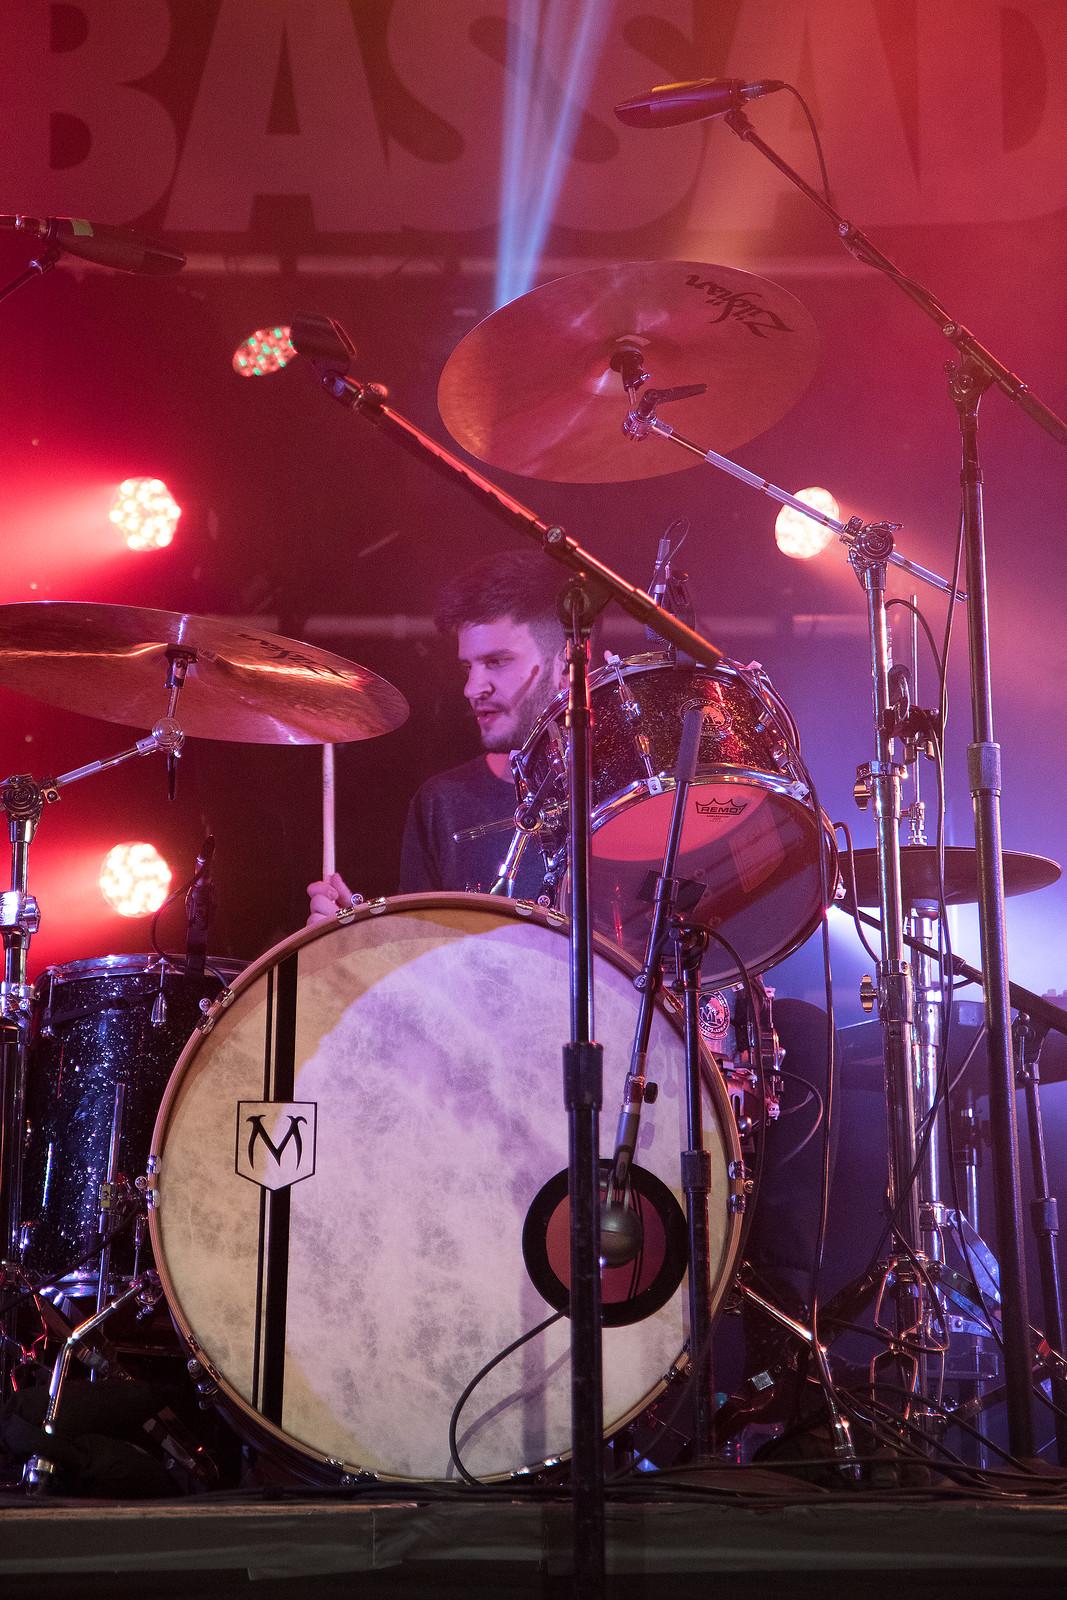 X Ambassadors in concert - Denver, CO